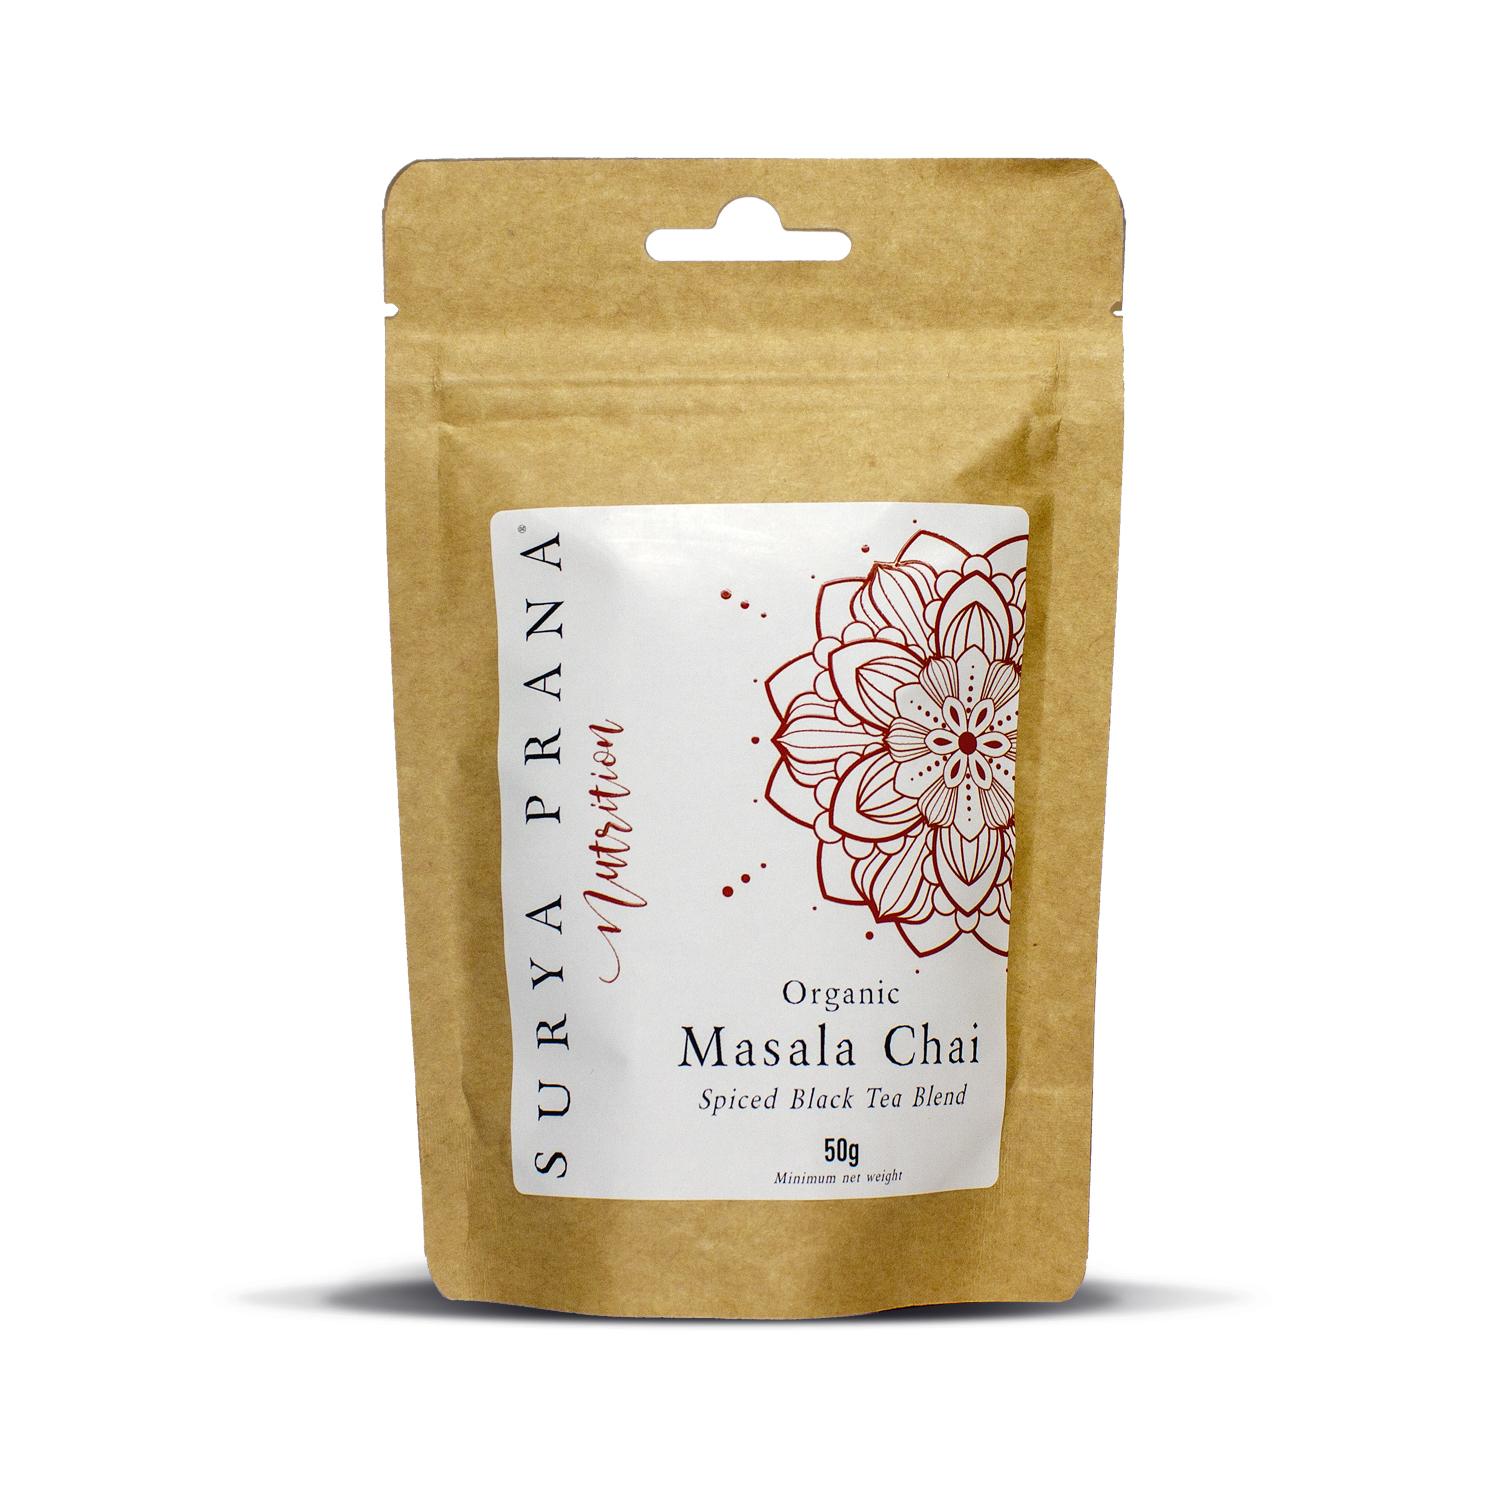 Organic Masala Chai Tea 50g